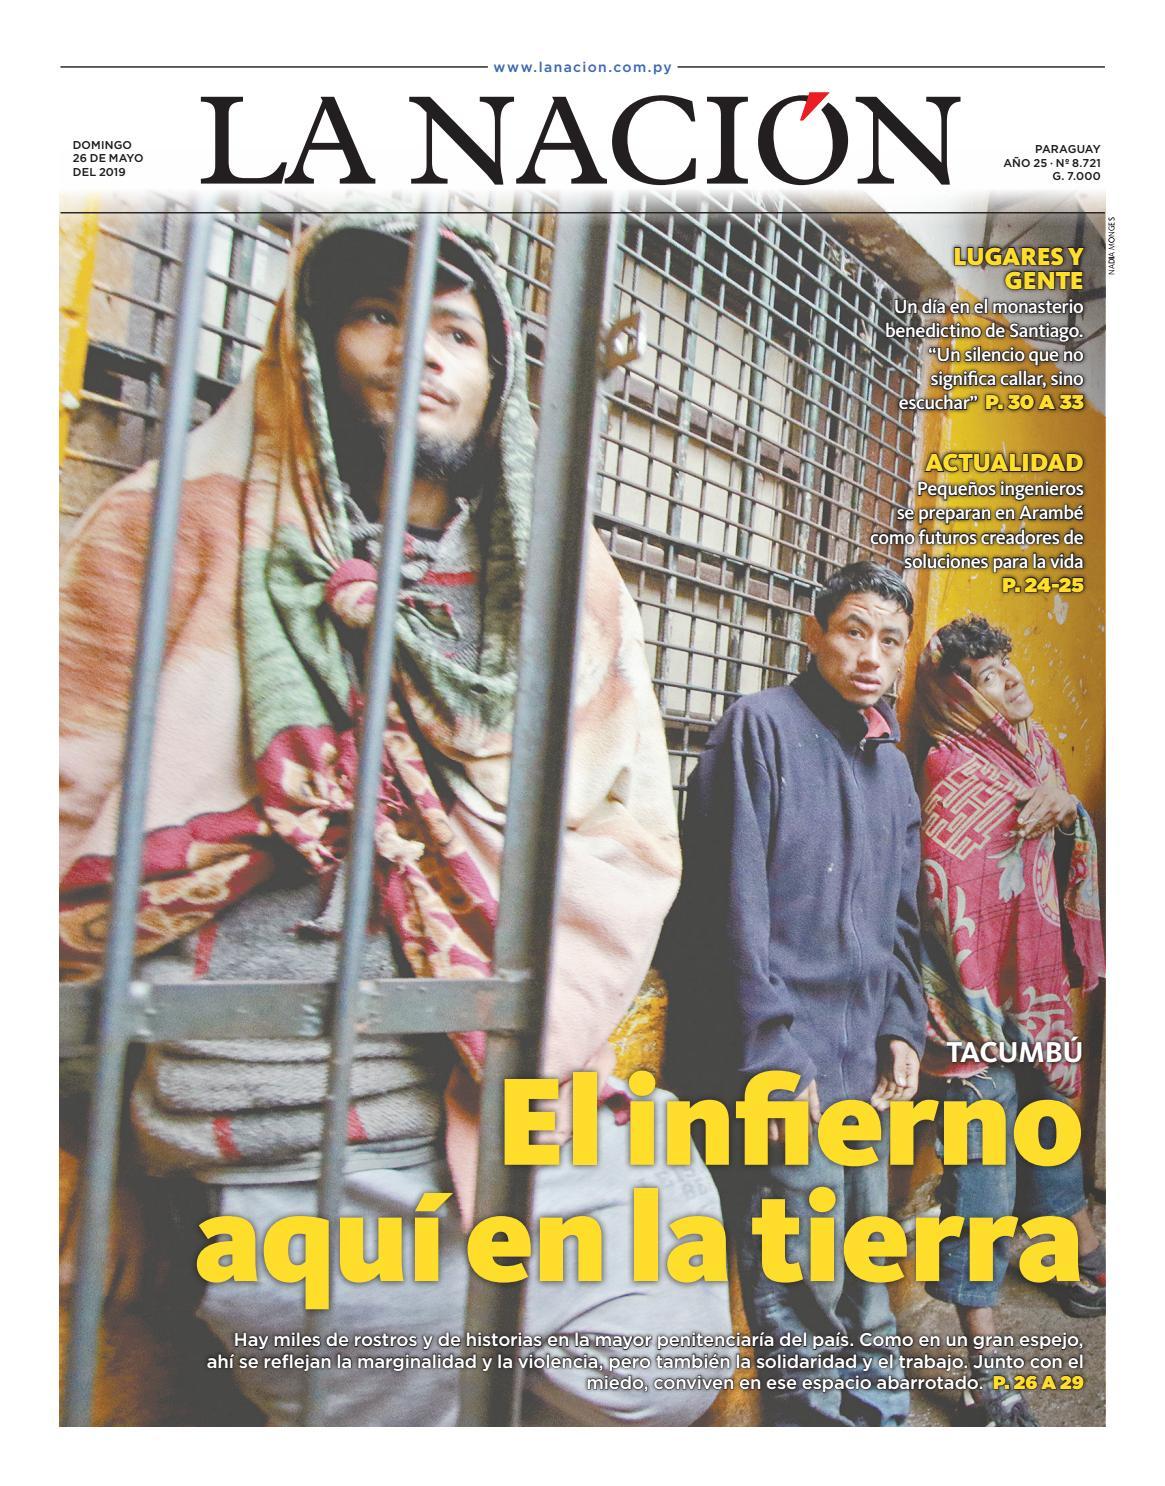 abbf59558 DIARIO LA NACIÓN - EDICIÓN 8.721 by La Nación - issuu